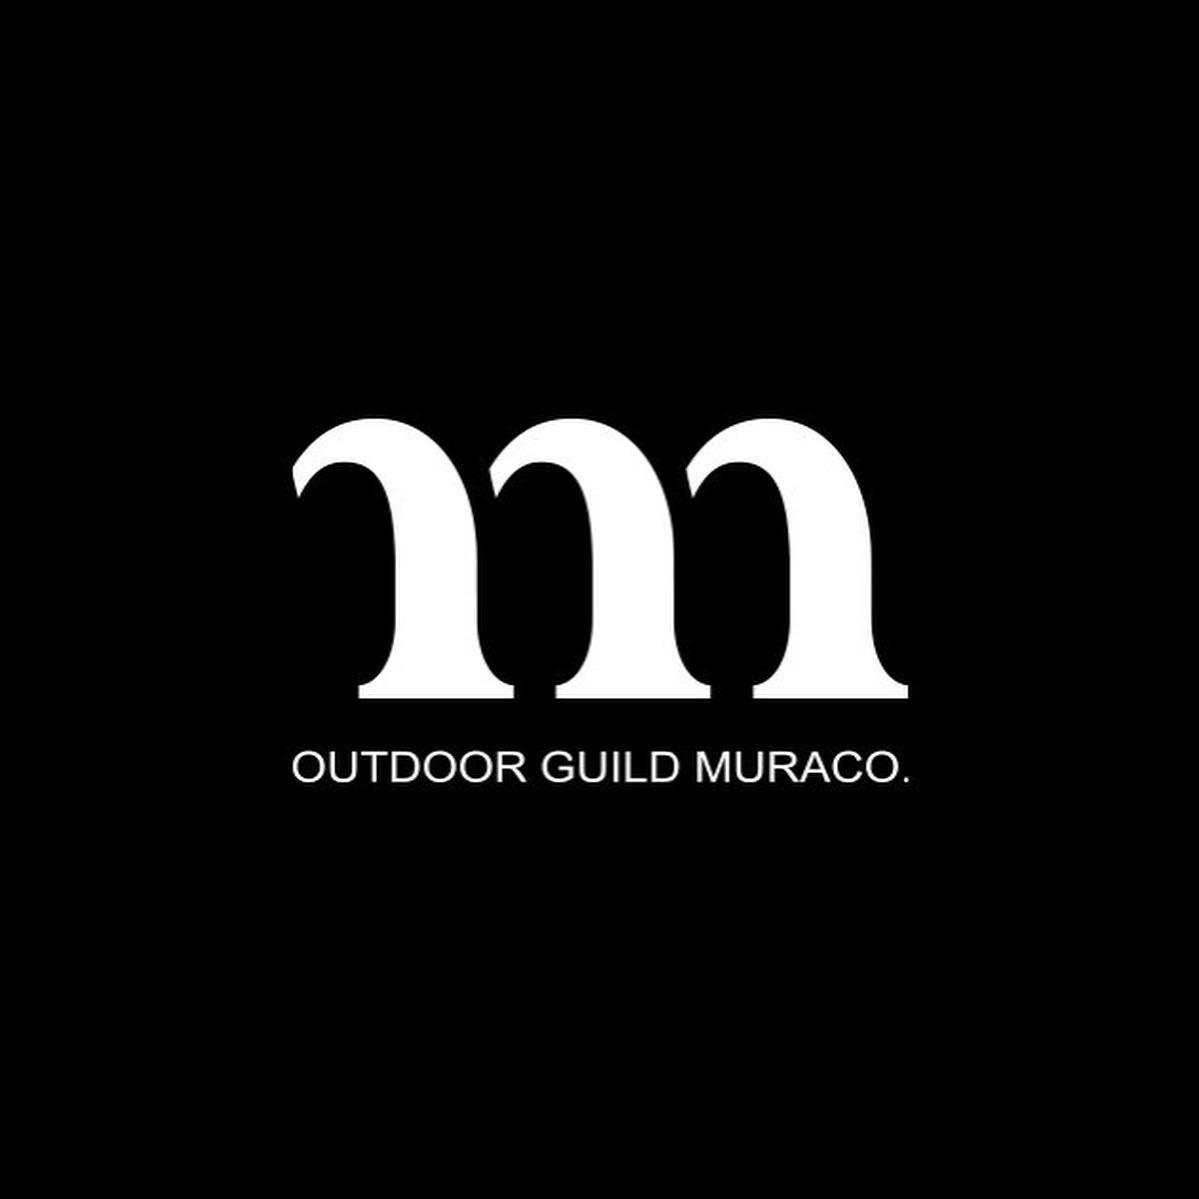 アウトドアブランド「muraco(ムラコ)」お取り扱い始めました